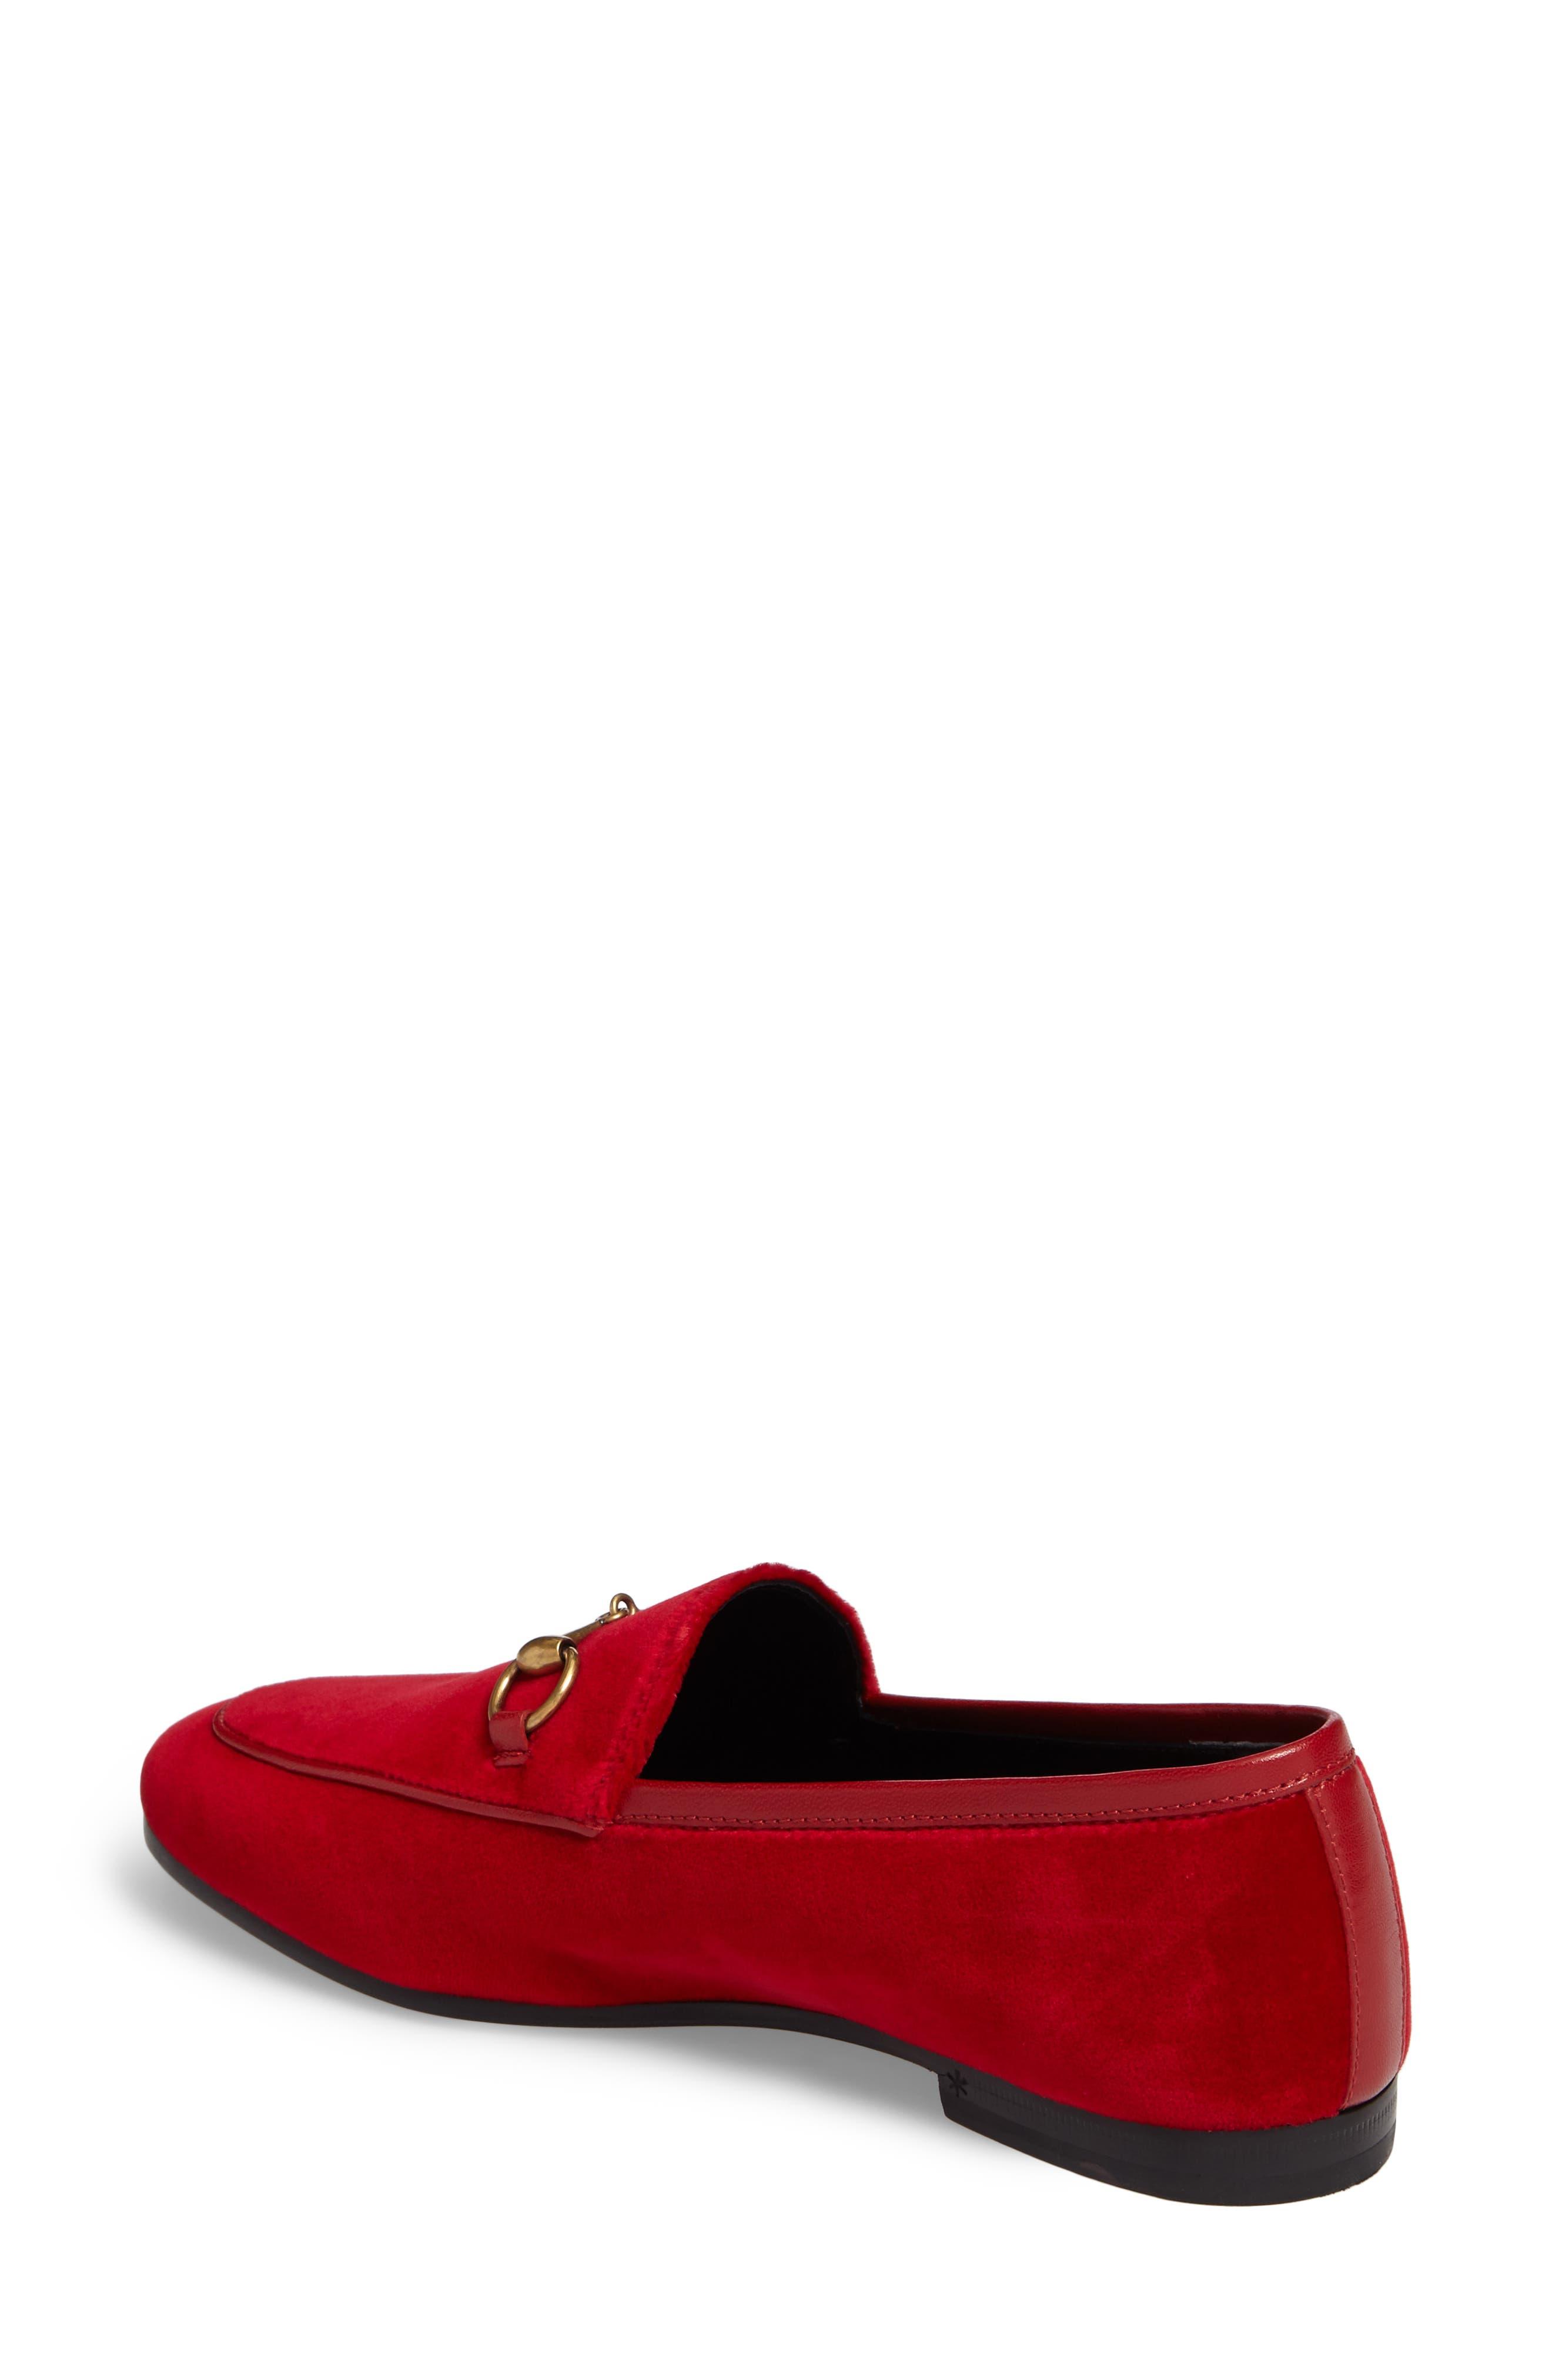 Alternate Image 2  - Gucci Brixton Velvet Loafer (Women)